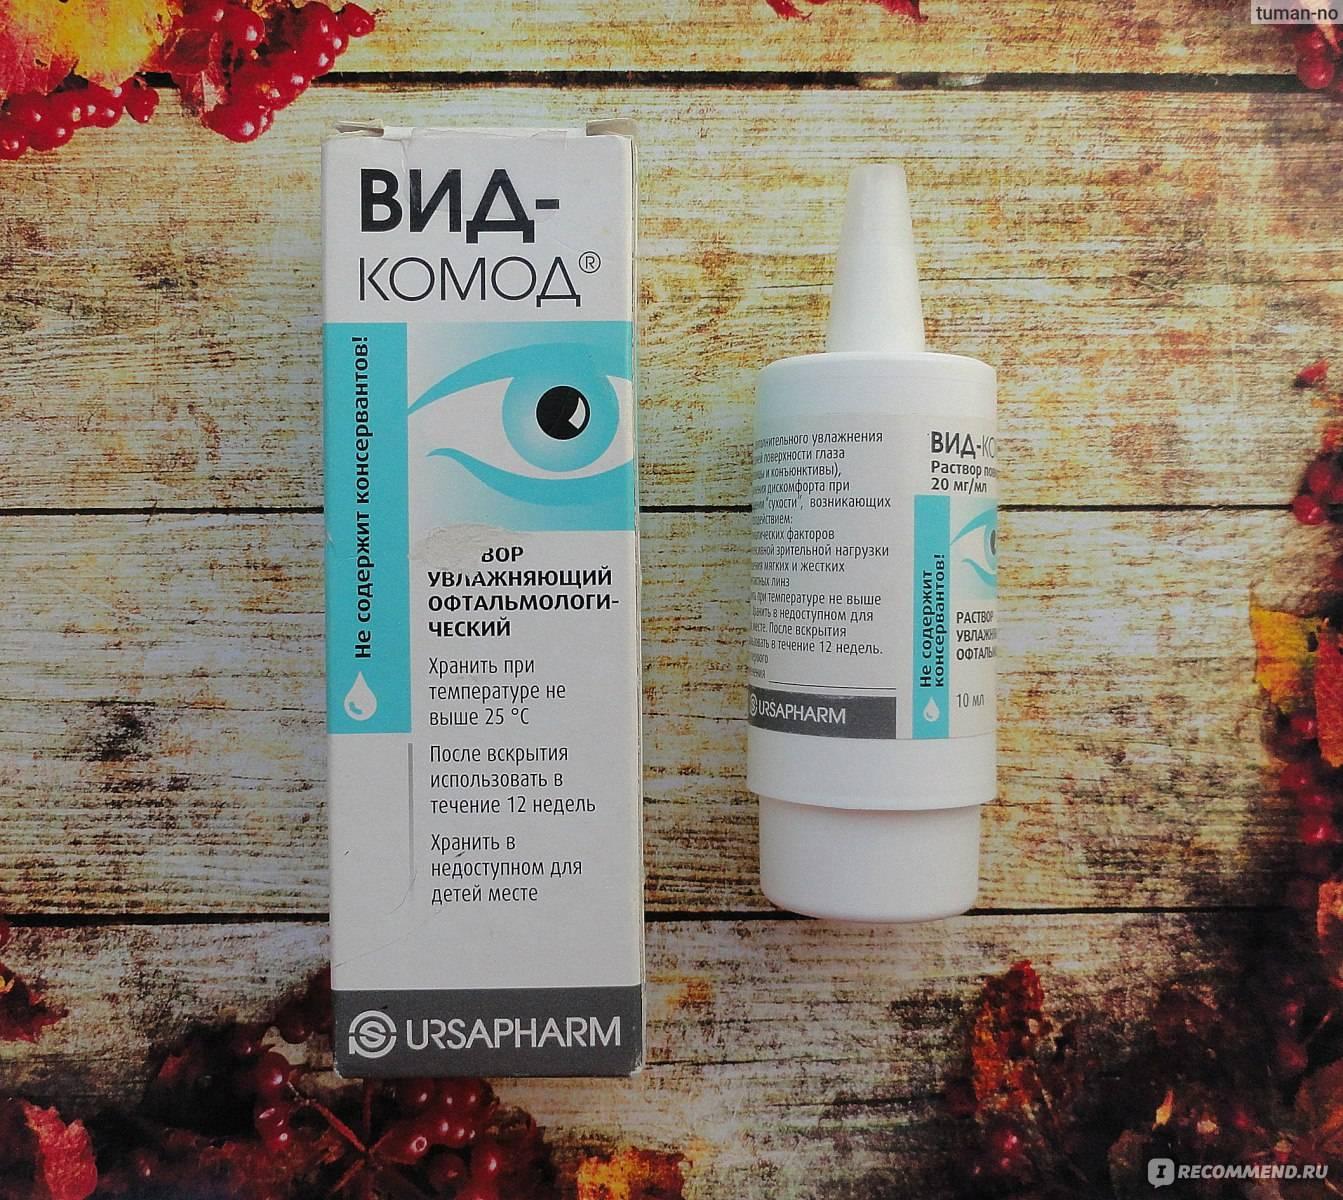 Противовоспалительные капли для глаз: список недорогих эффективных лекаосьвенных препаратов